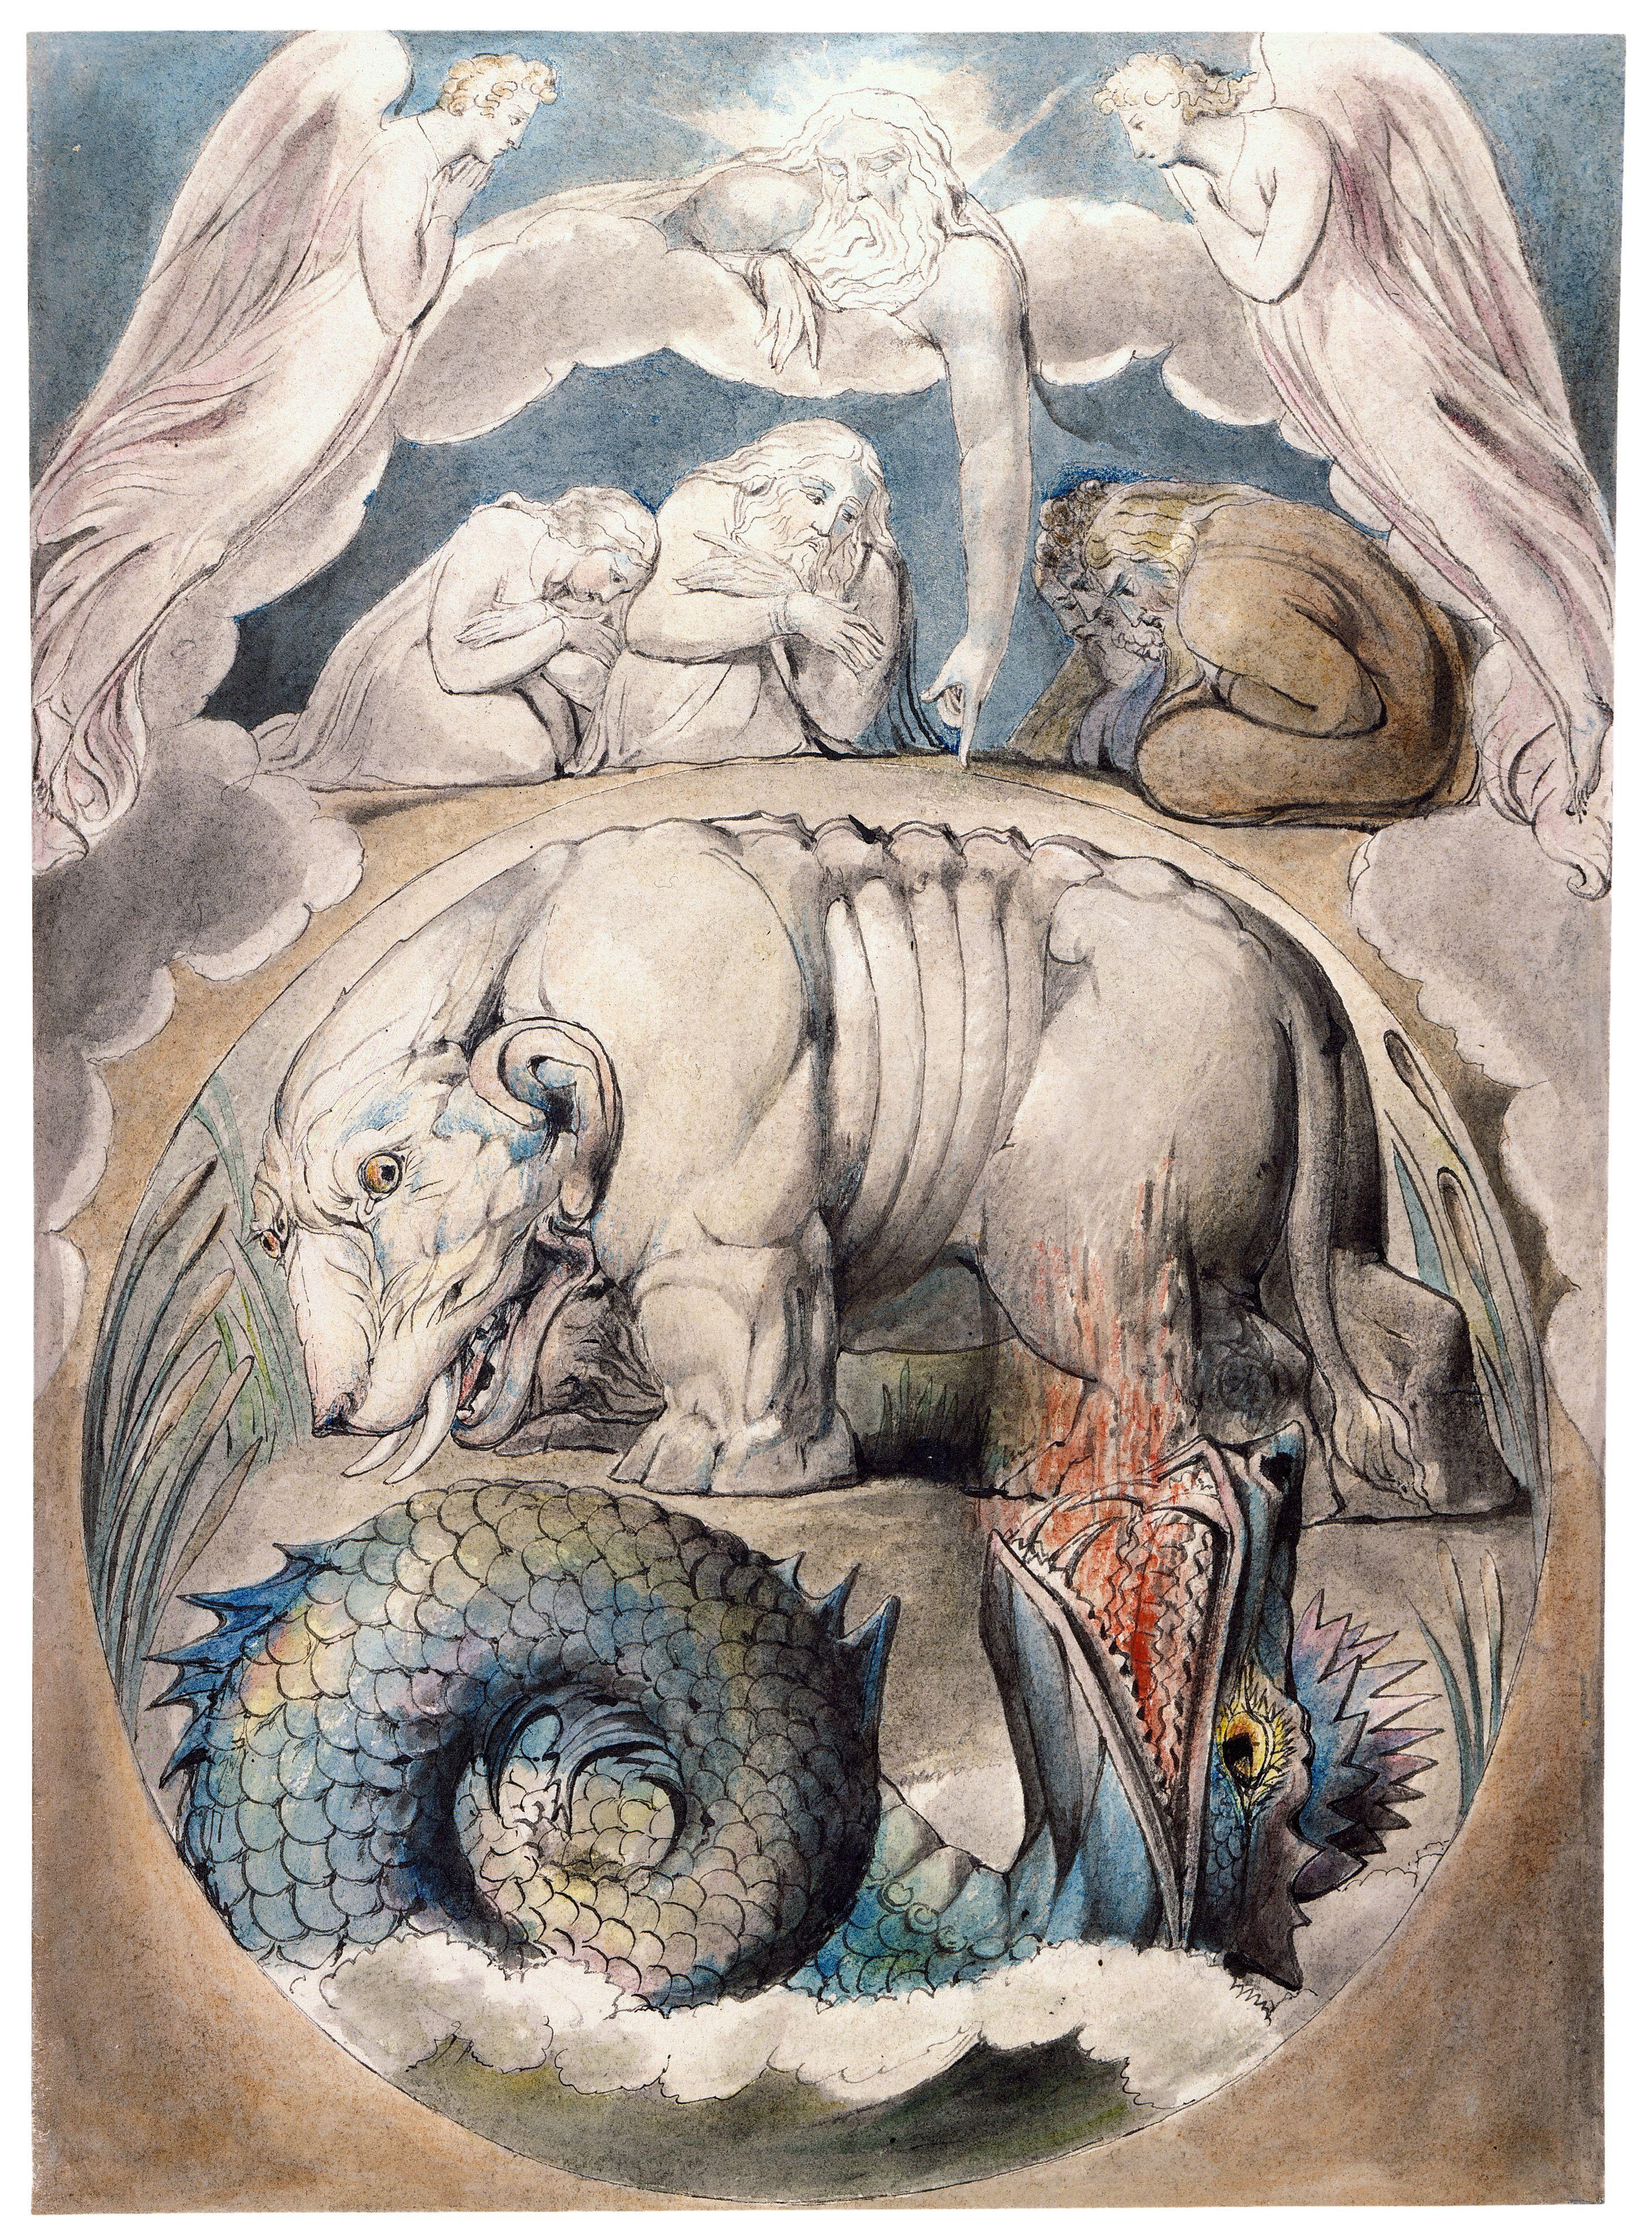 上图:英国诗人、画家威廉·布莱克(William Blake,1757-1827年)的版画《河马和利维坦 Behemoth and Leviathan》,描绘「你且观看河马。我造你也造它」(伯四十15)。